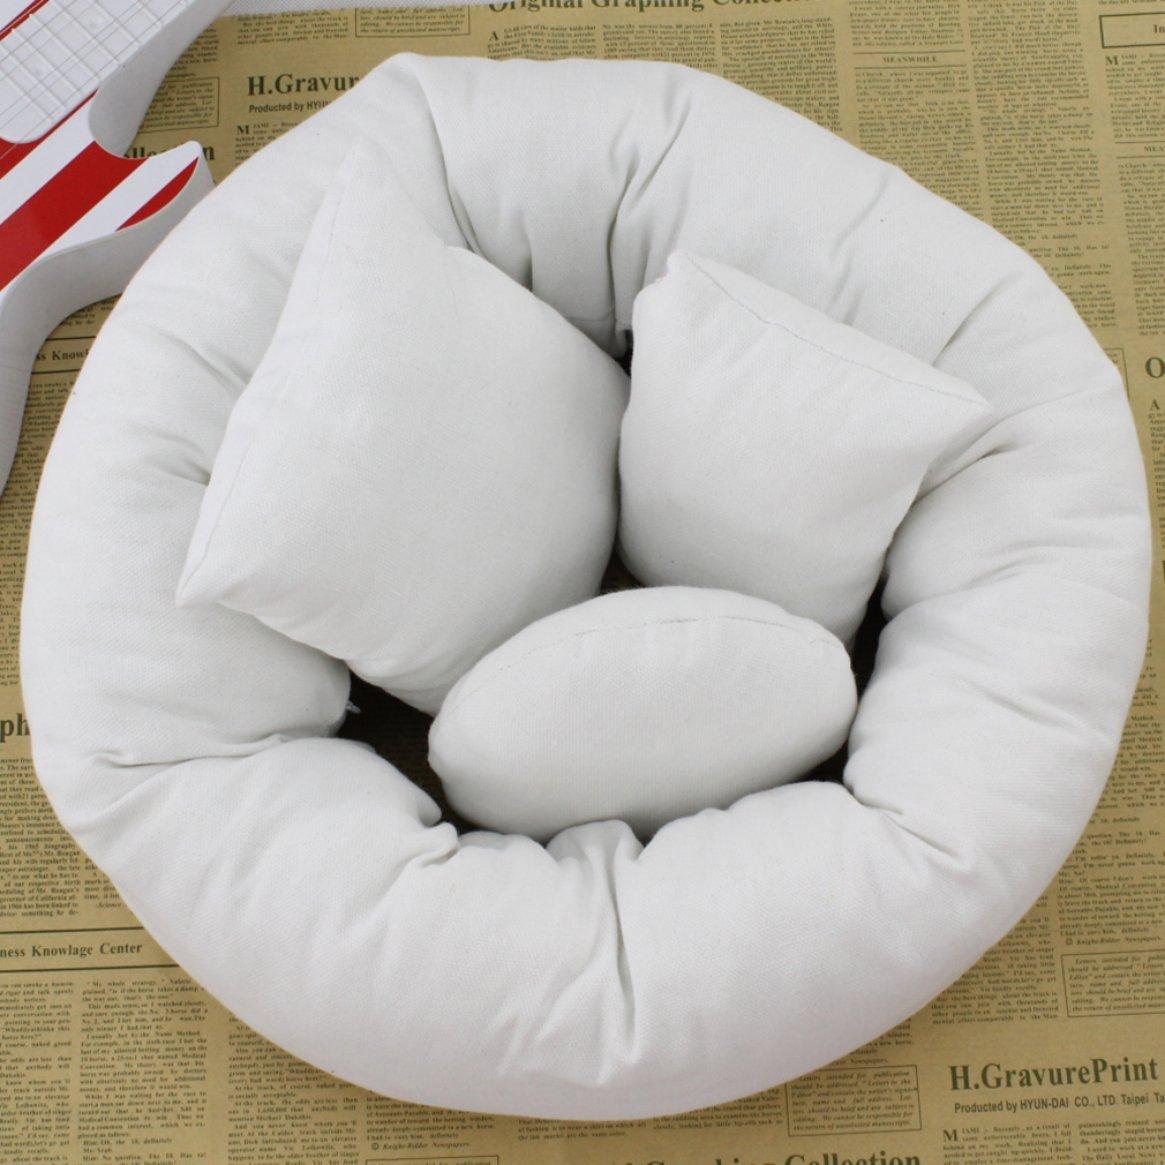 Confortevole 4 pezzi/set 2 colori bambino neonato cuscino cesto di riempimento ciambella fotografia puntelli set Delicacydex